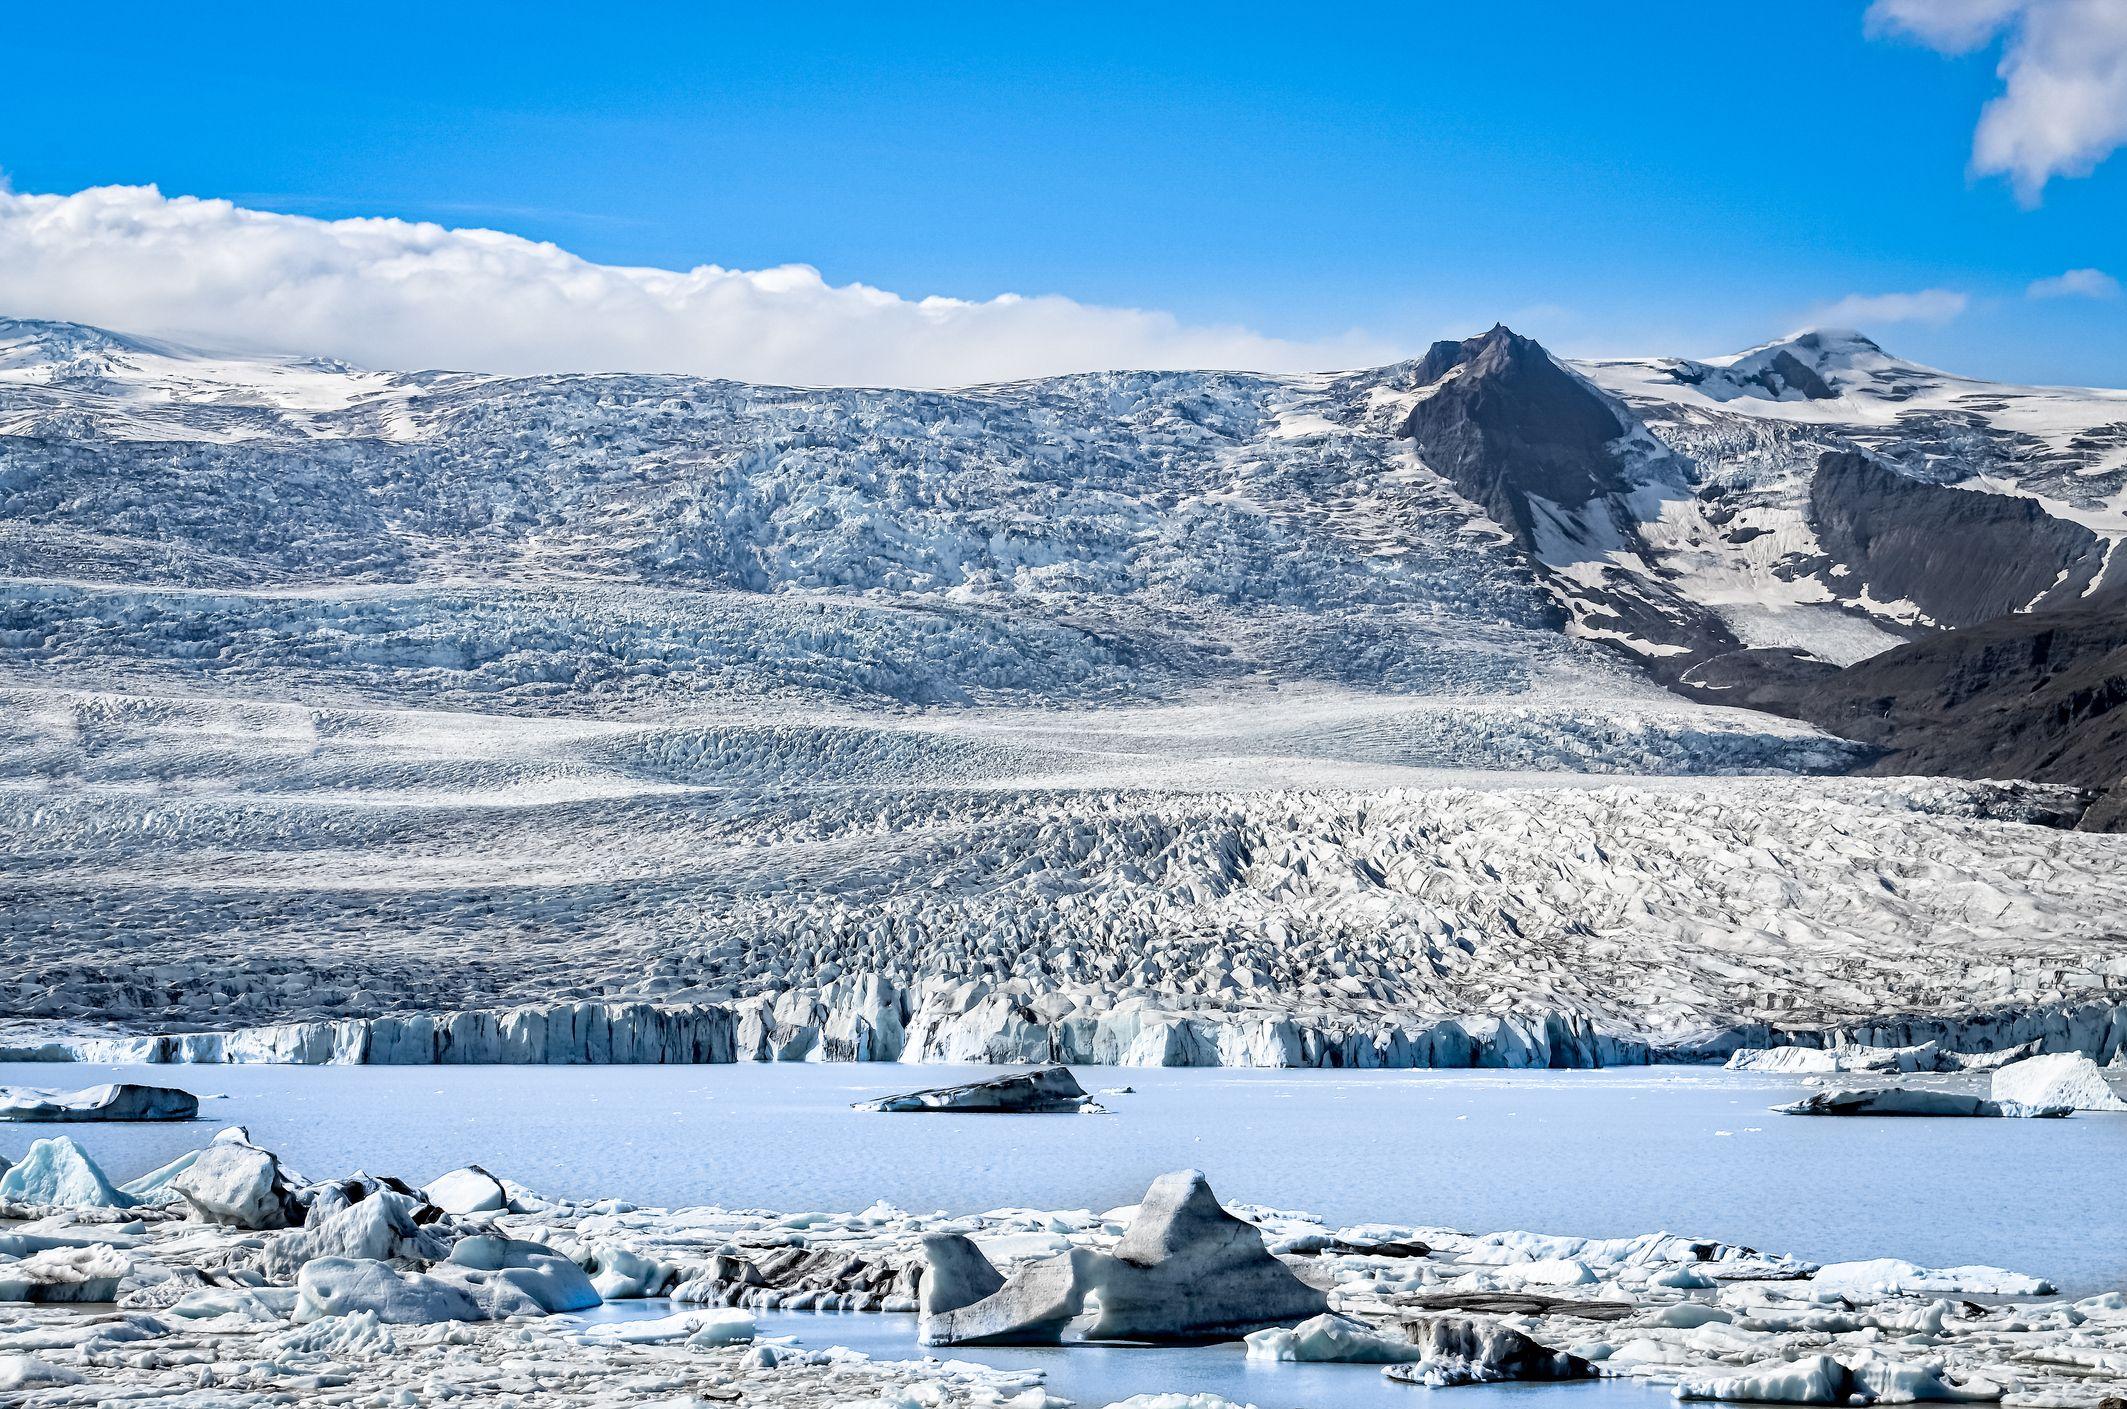 Breiðamerkurjökull glacier, Jökulsárlón lagoon